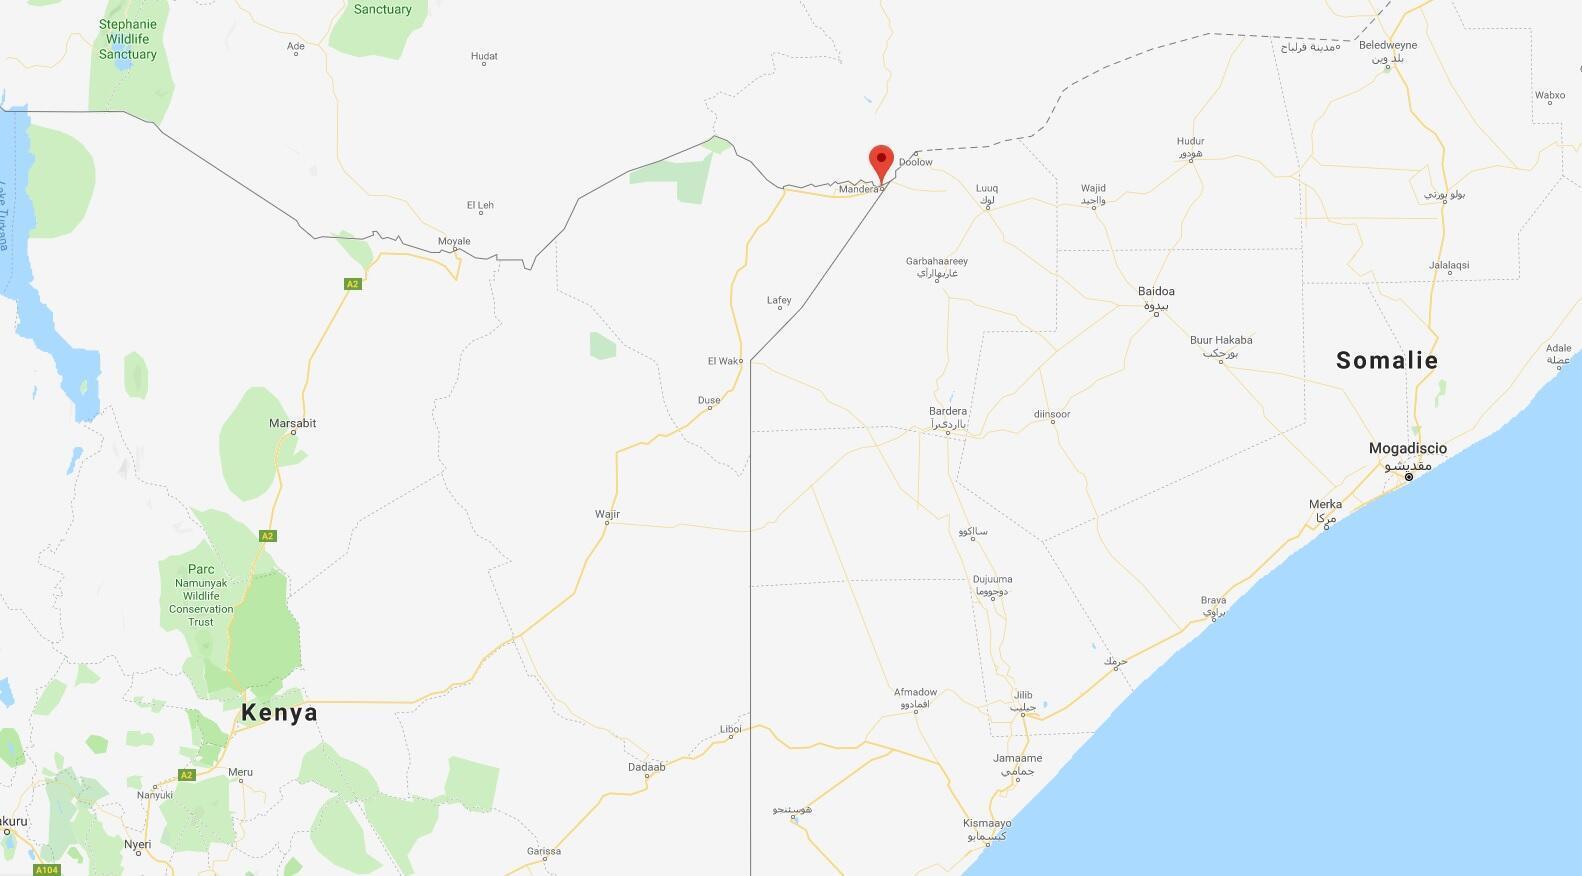 Mji wa Mandera unapatikana Kaskazini mwa Kenya kwenye mpaka na Somalia na Ethiopia.